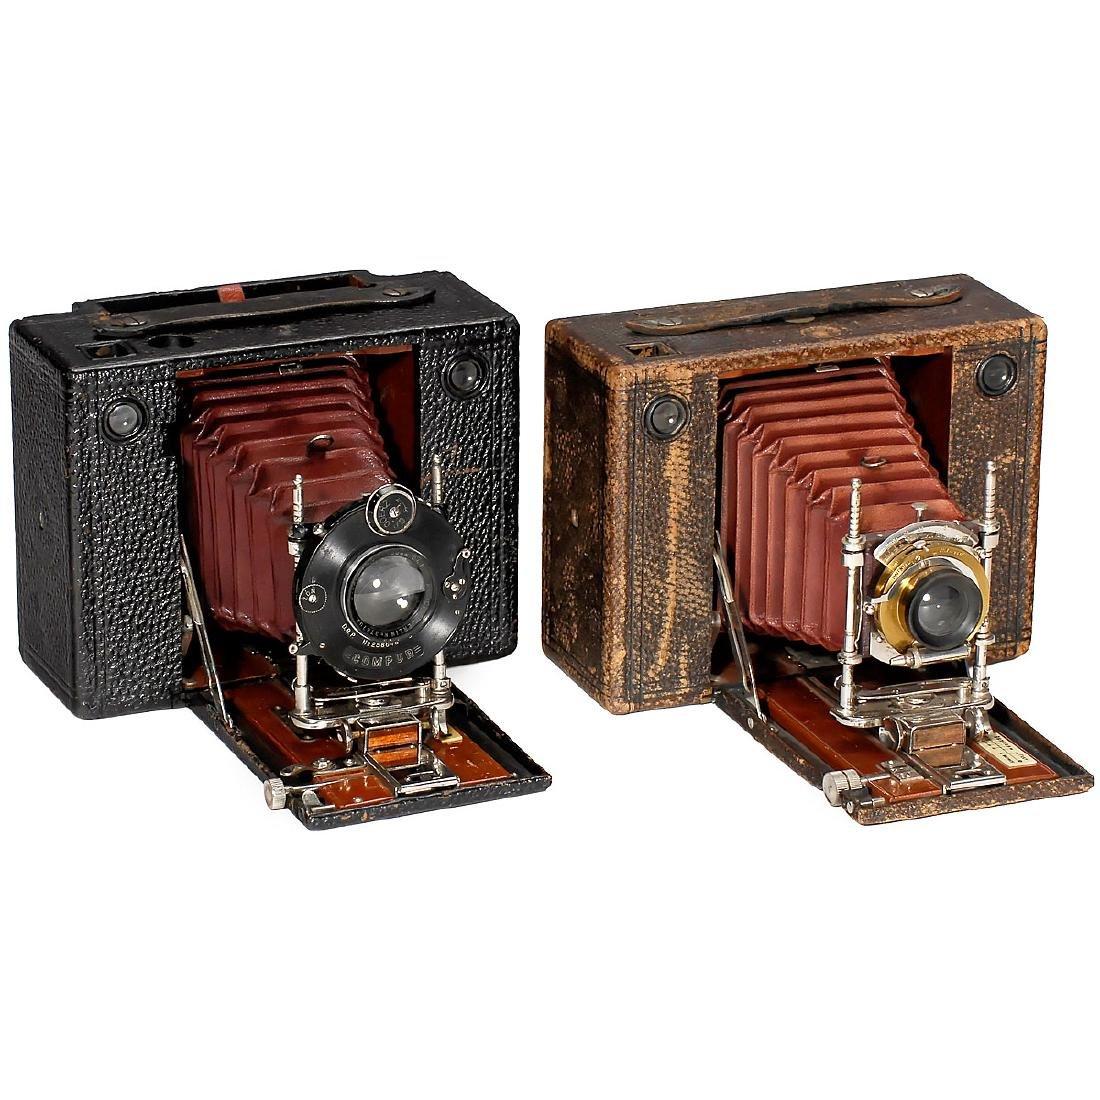 2 Kodak Cartridge No. 4 Cameras, Models E and F, 1897